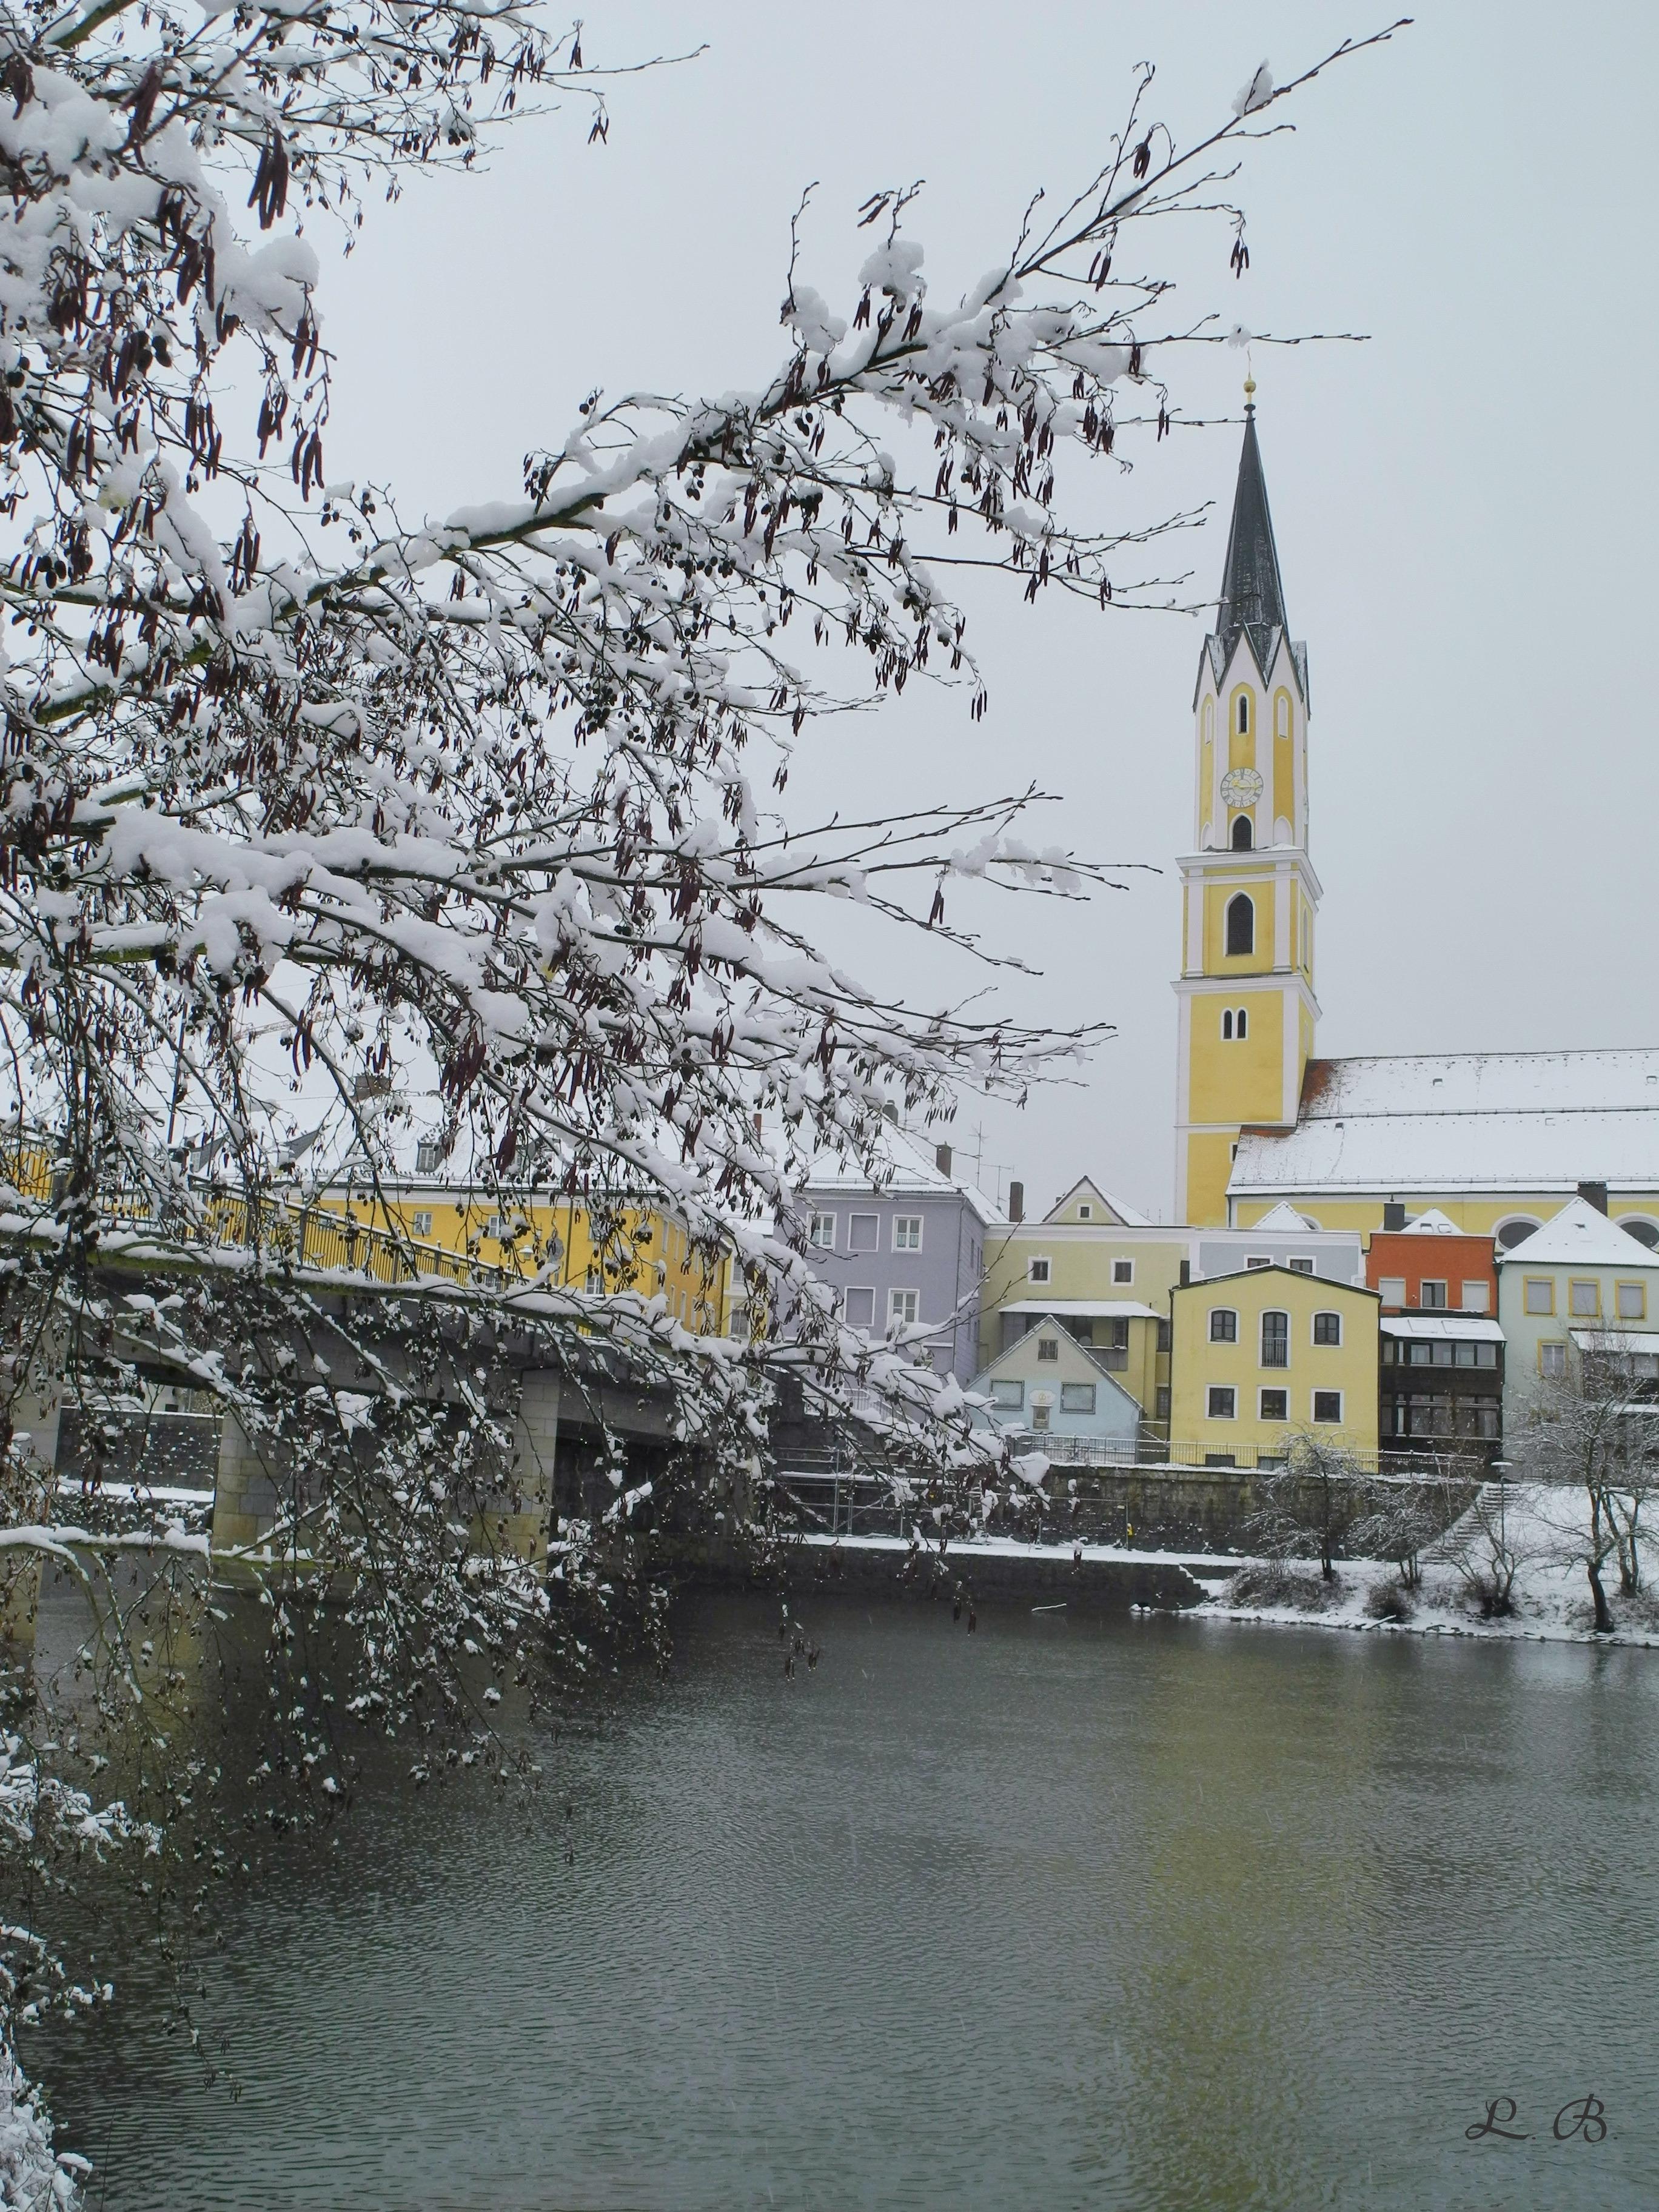 Vilsbrücke und Stadtpfarrkirche